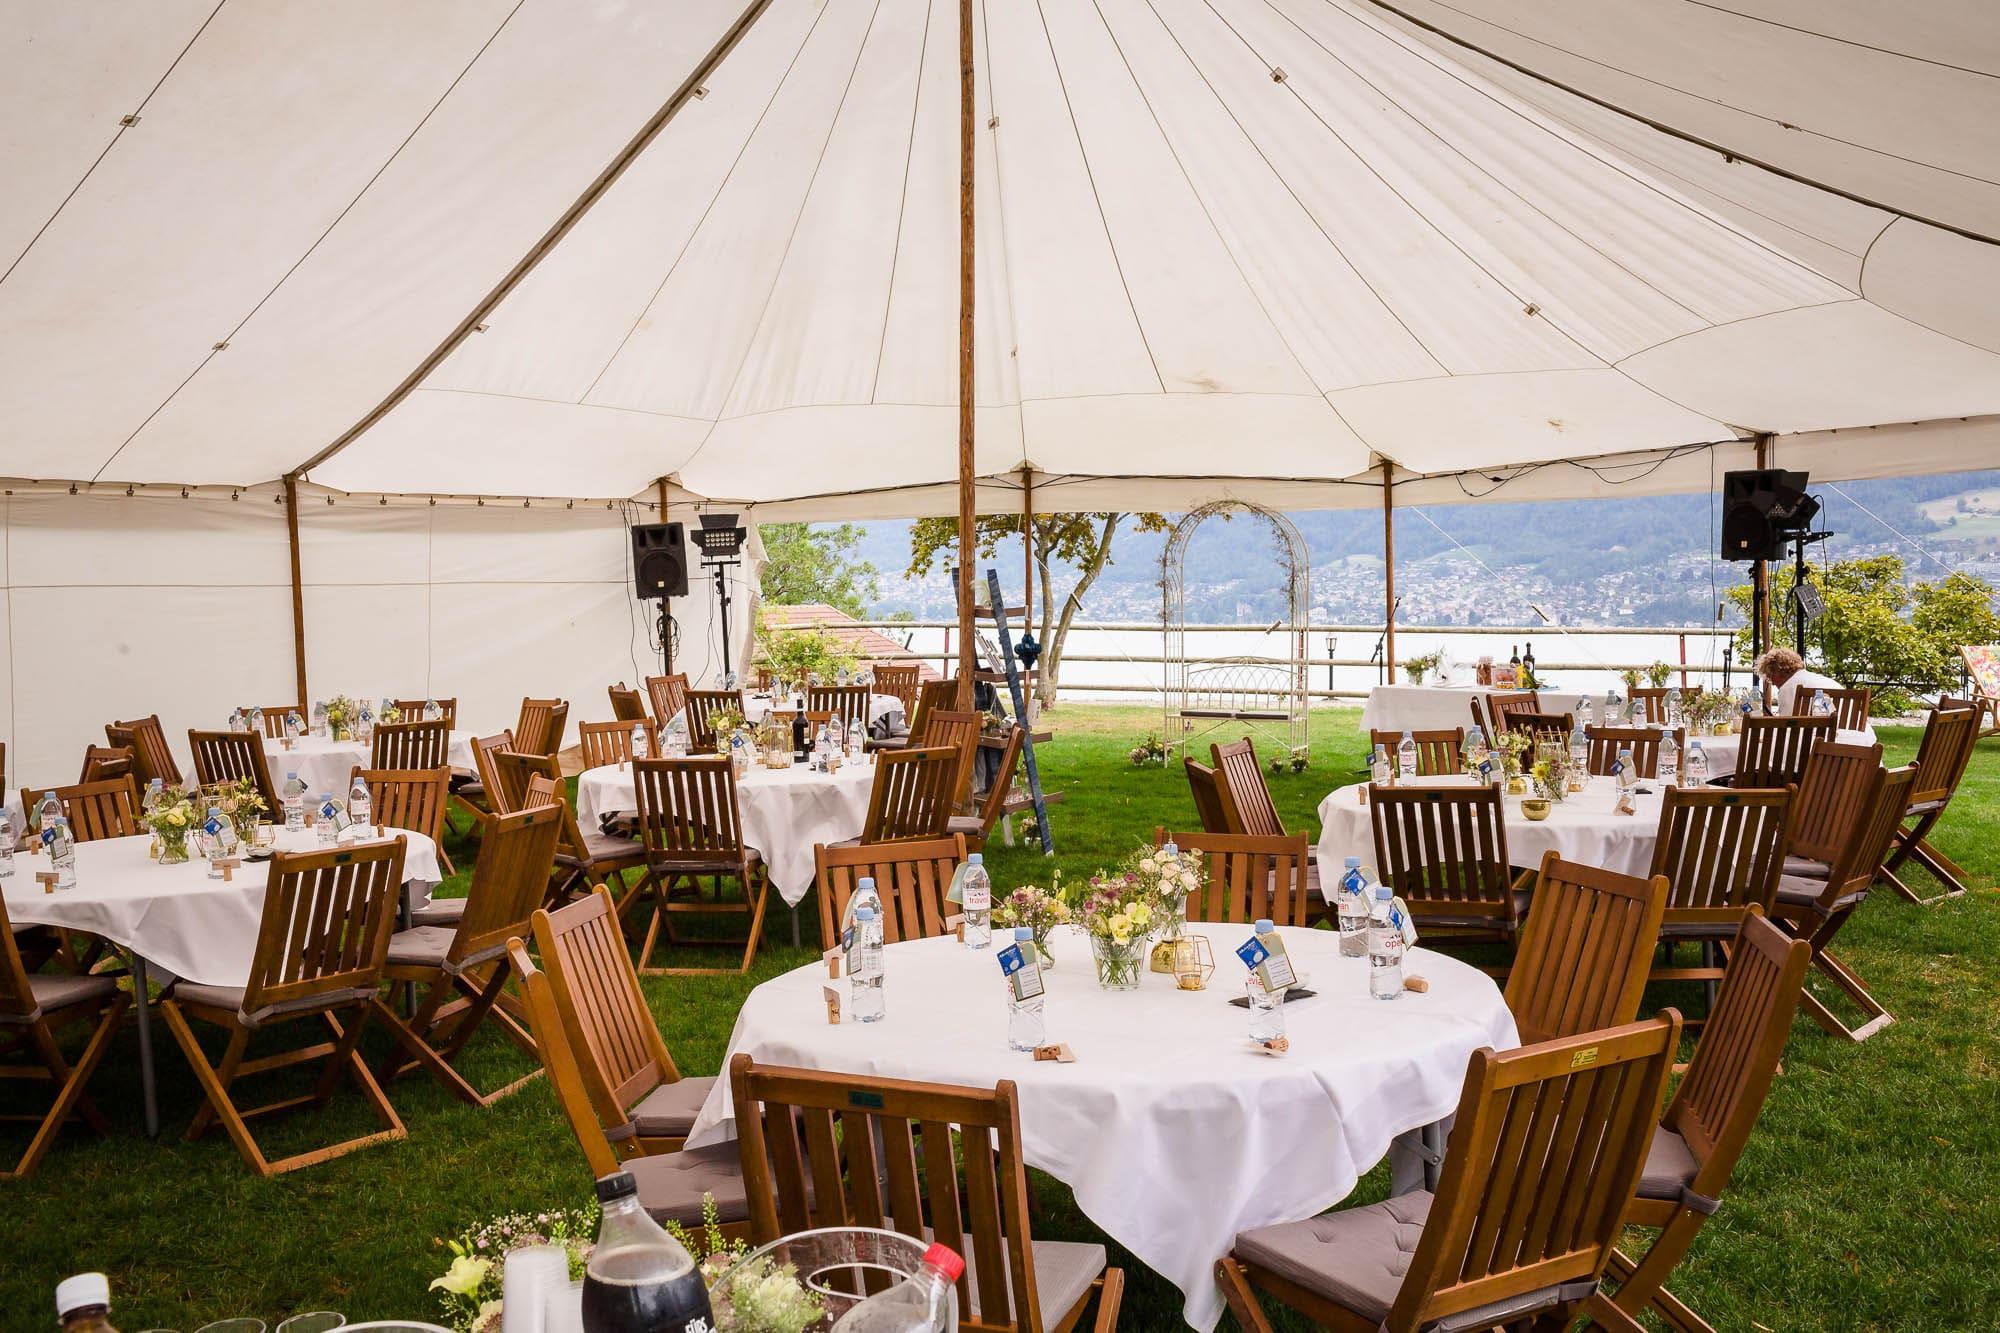 Hochzeitsfest in einem Zelt